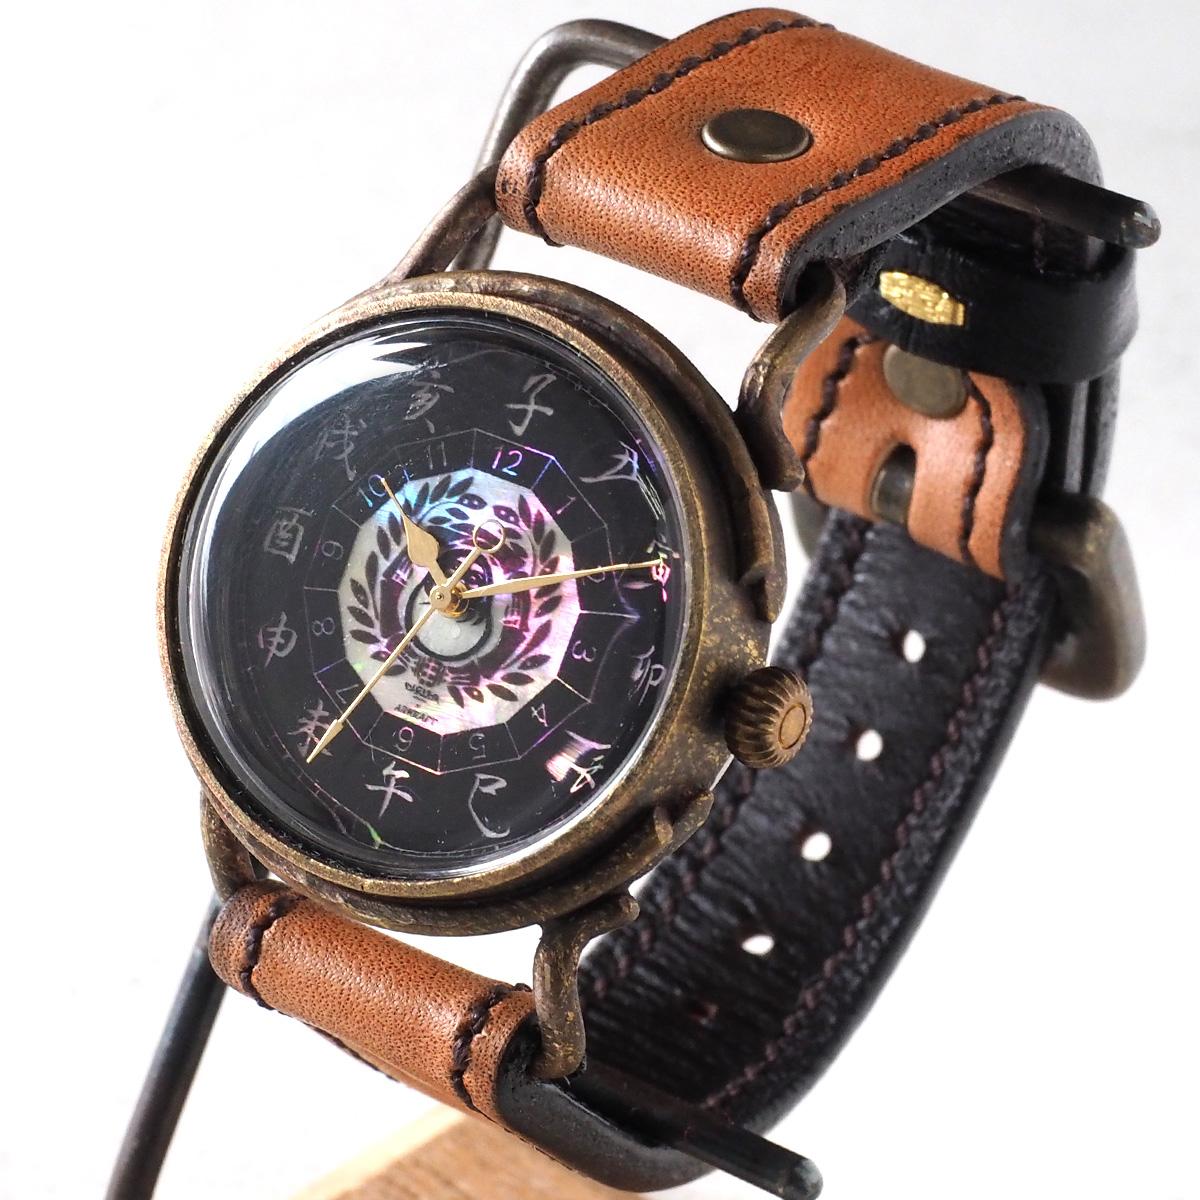 達磨(だるま)手創り腕時計「柿渋」 螺鈿(らでん)文字盤 メンズ ベージュ [DW0001-03-BEG]